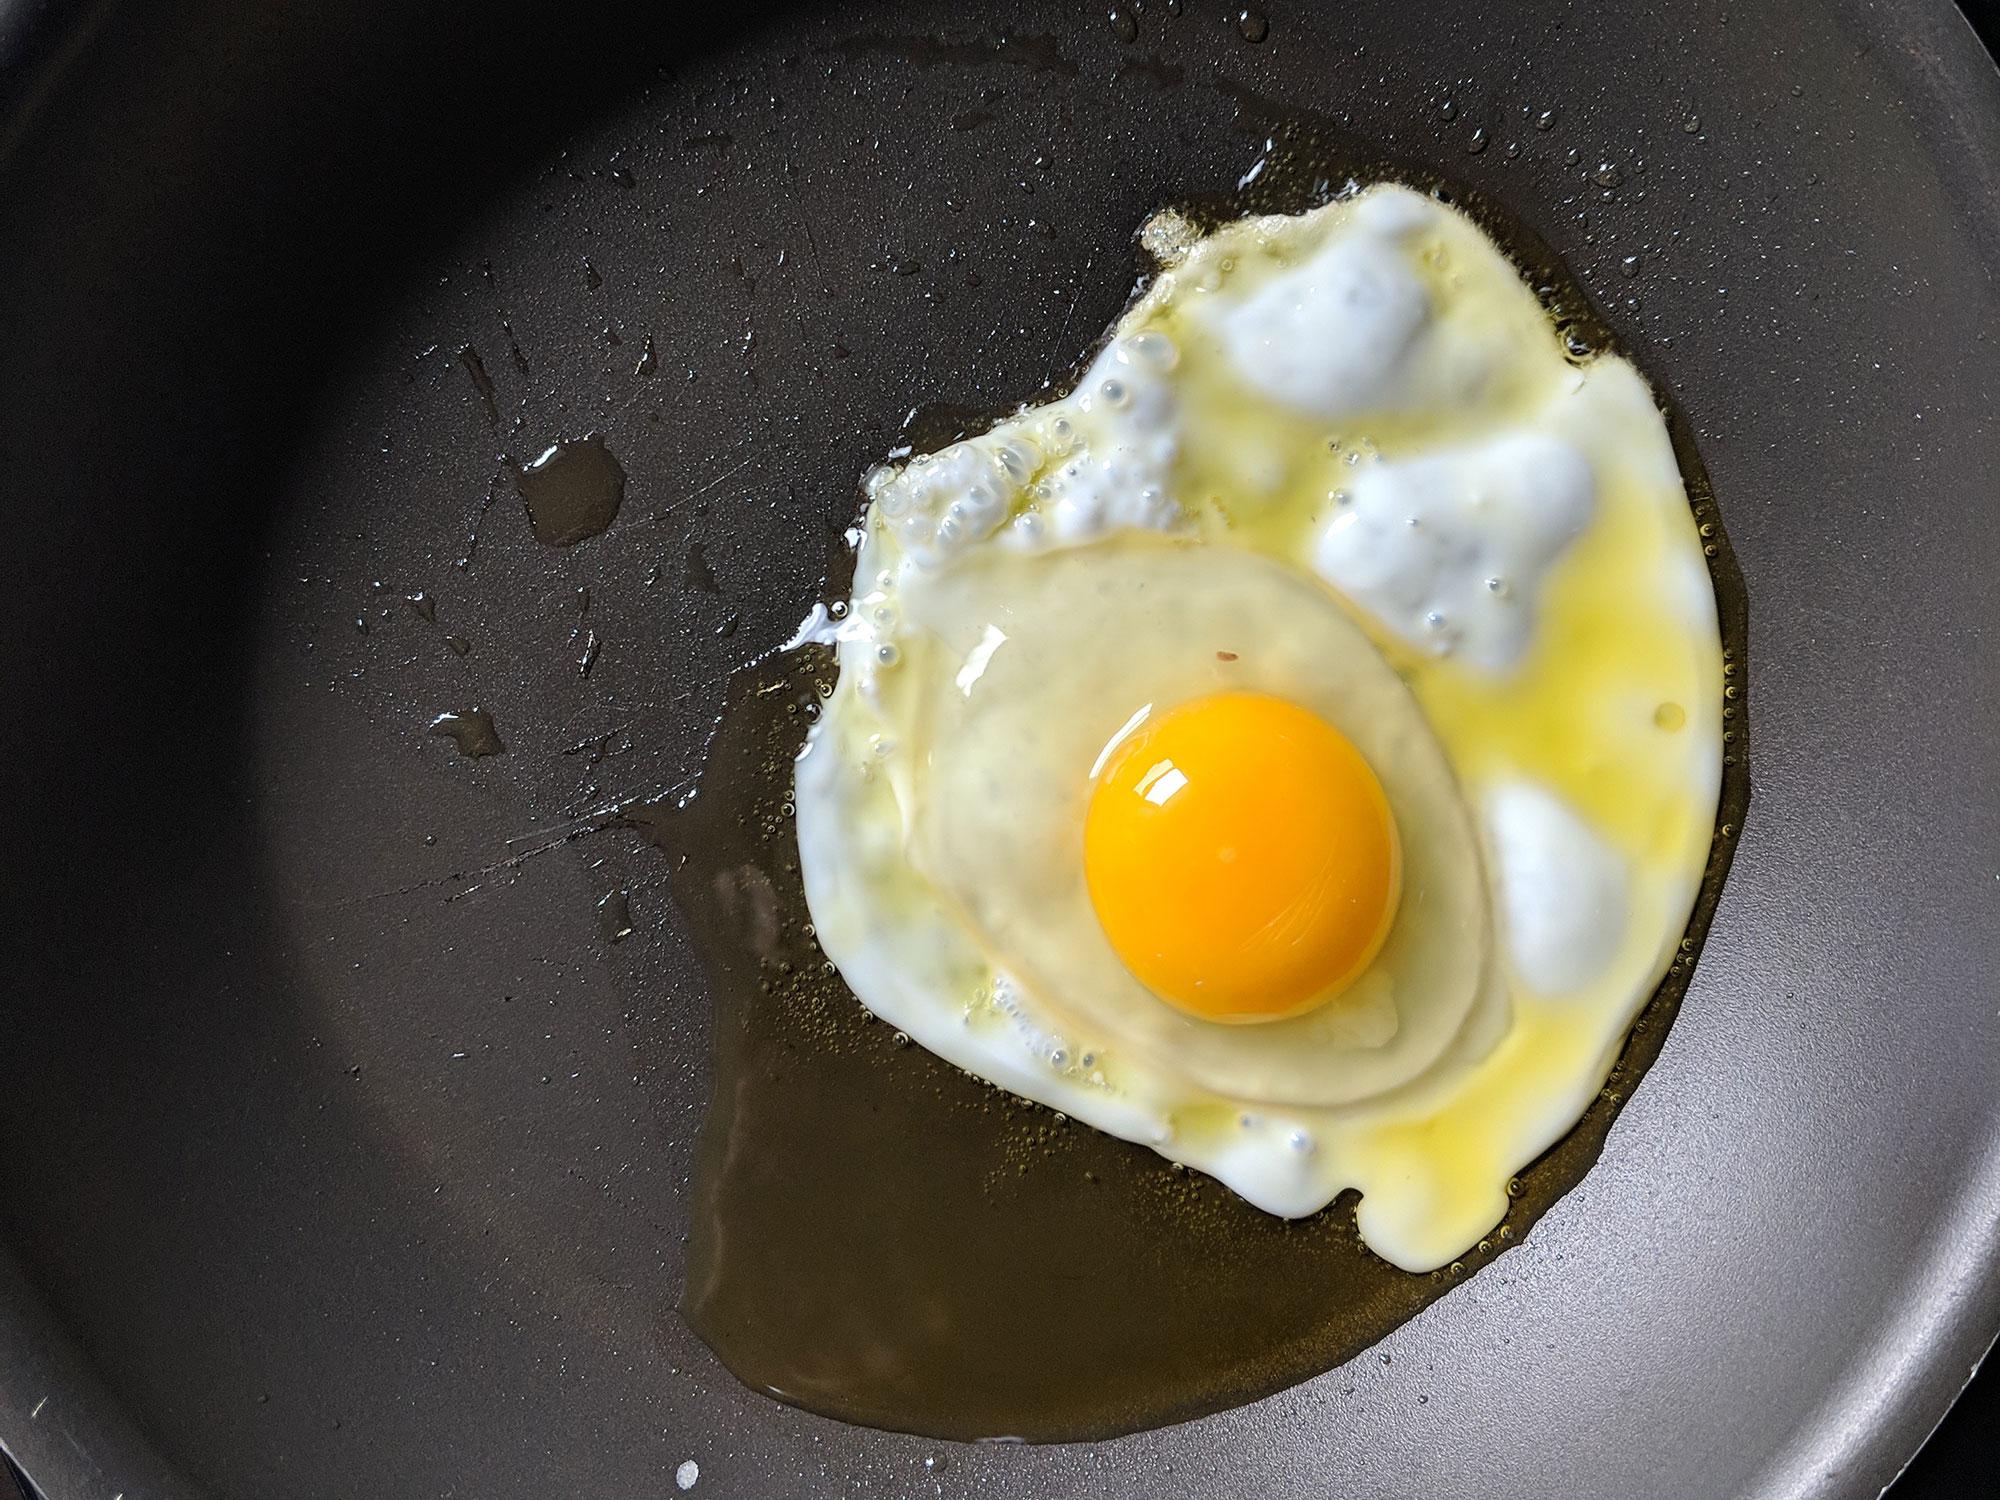 oilin-egg-hero.jpg